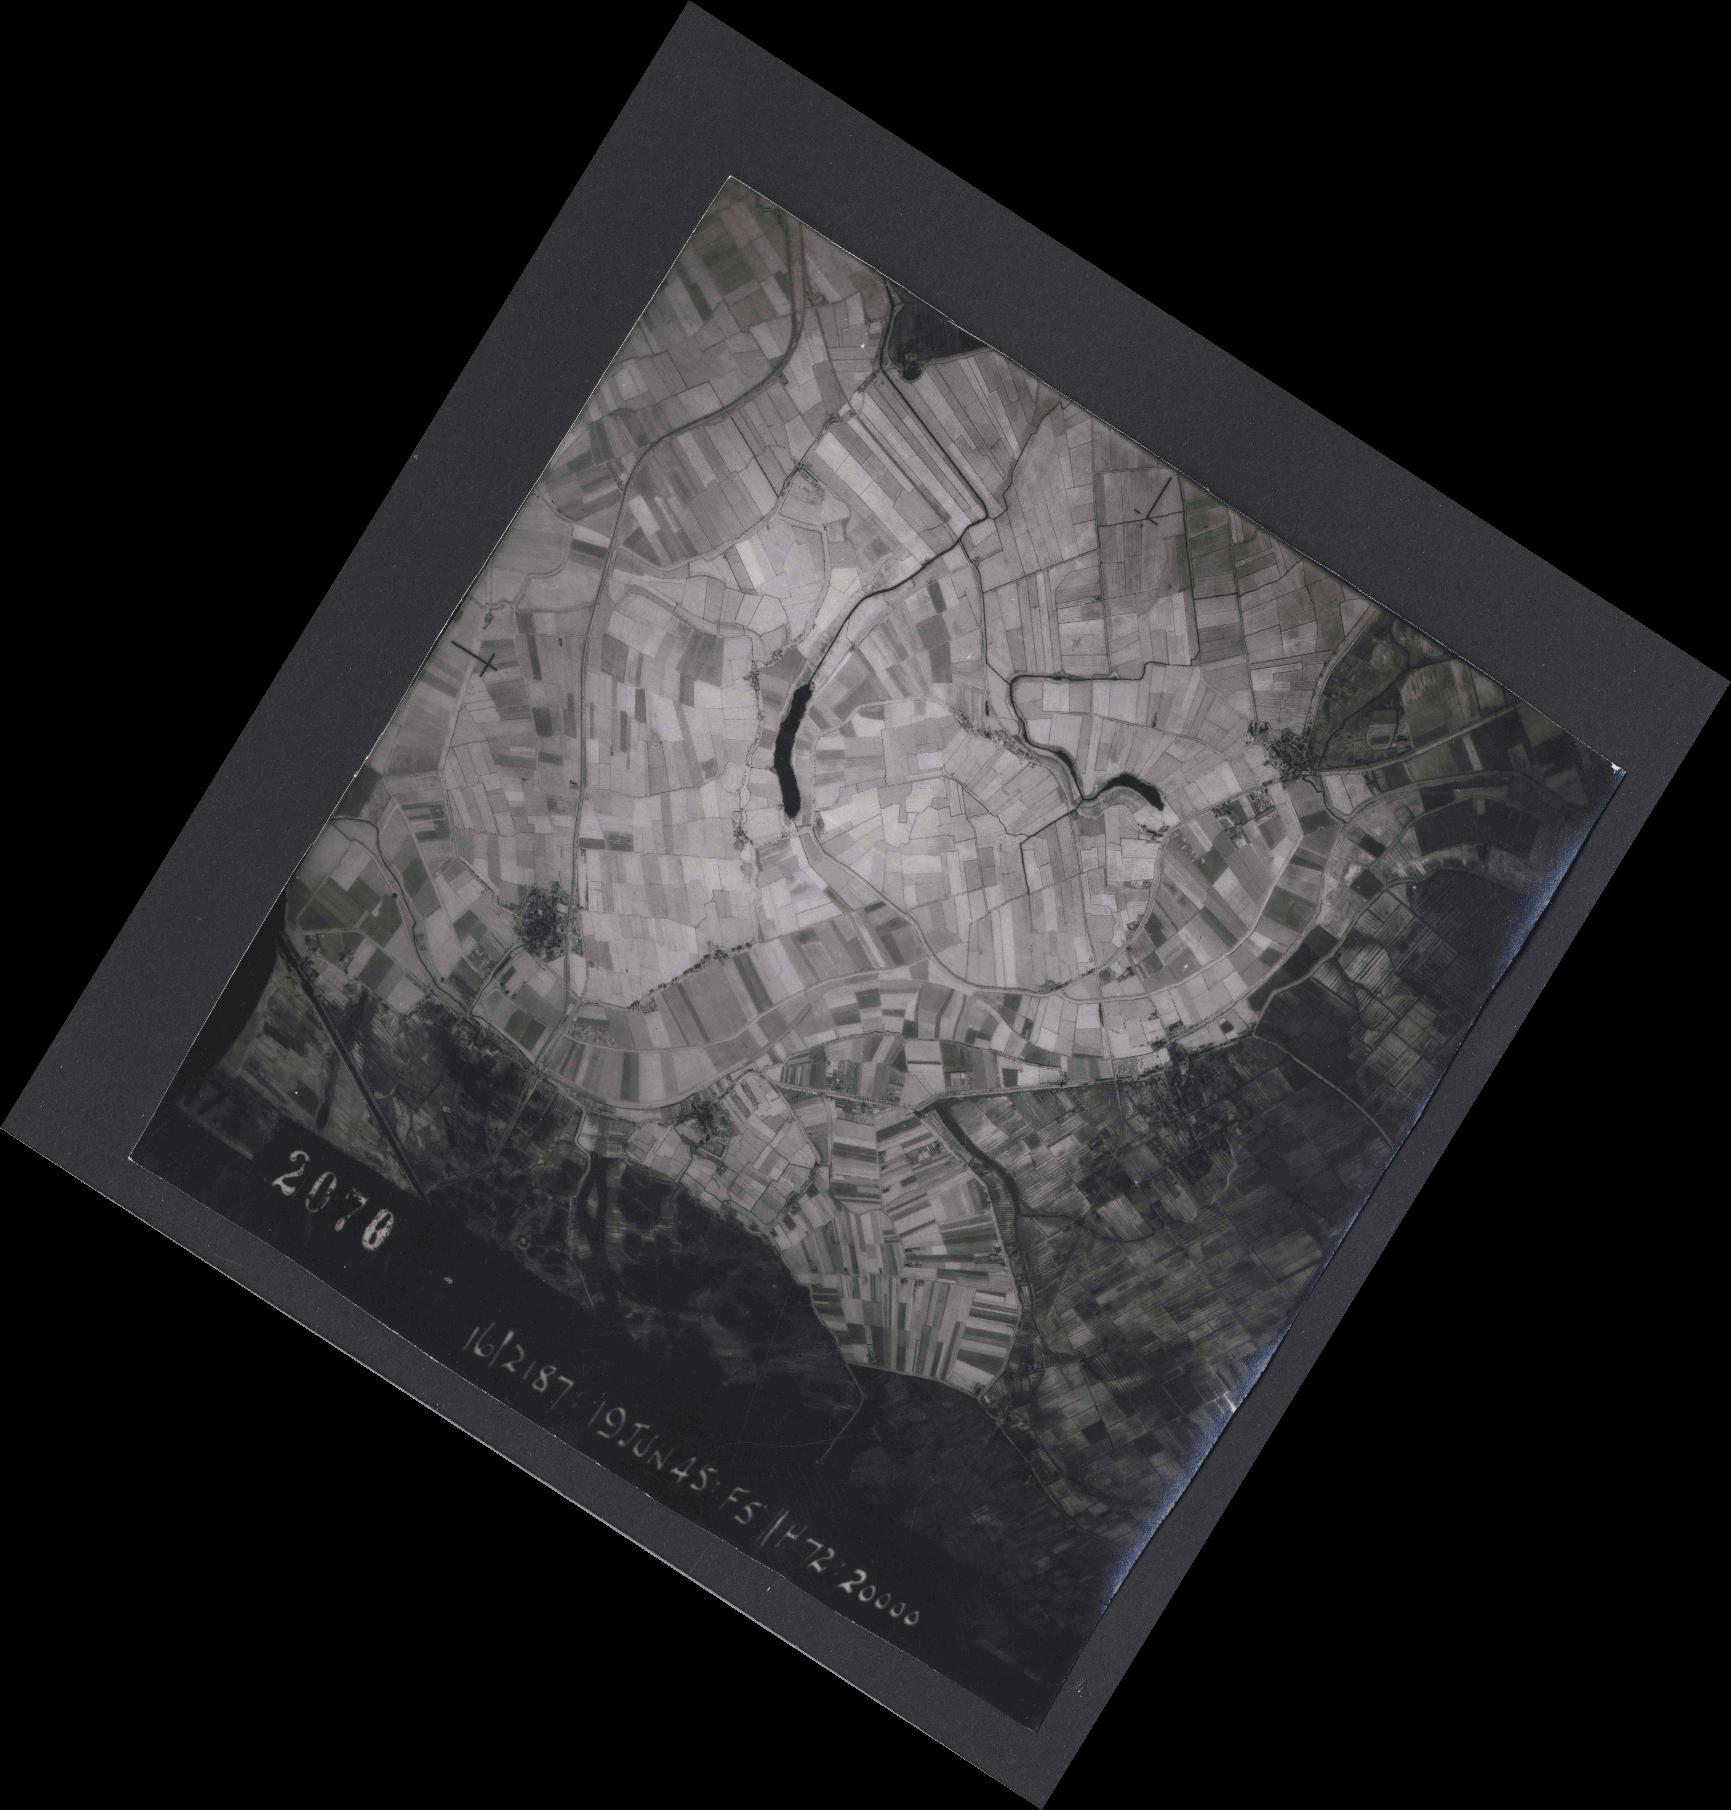 Collection RAF aerial photos 1940-1945 - flight 551, run 02, photo 2070